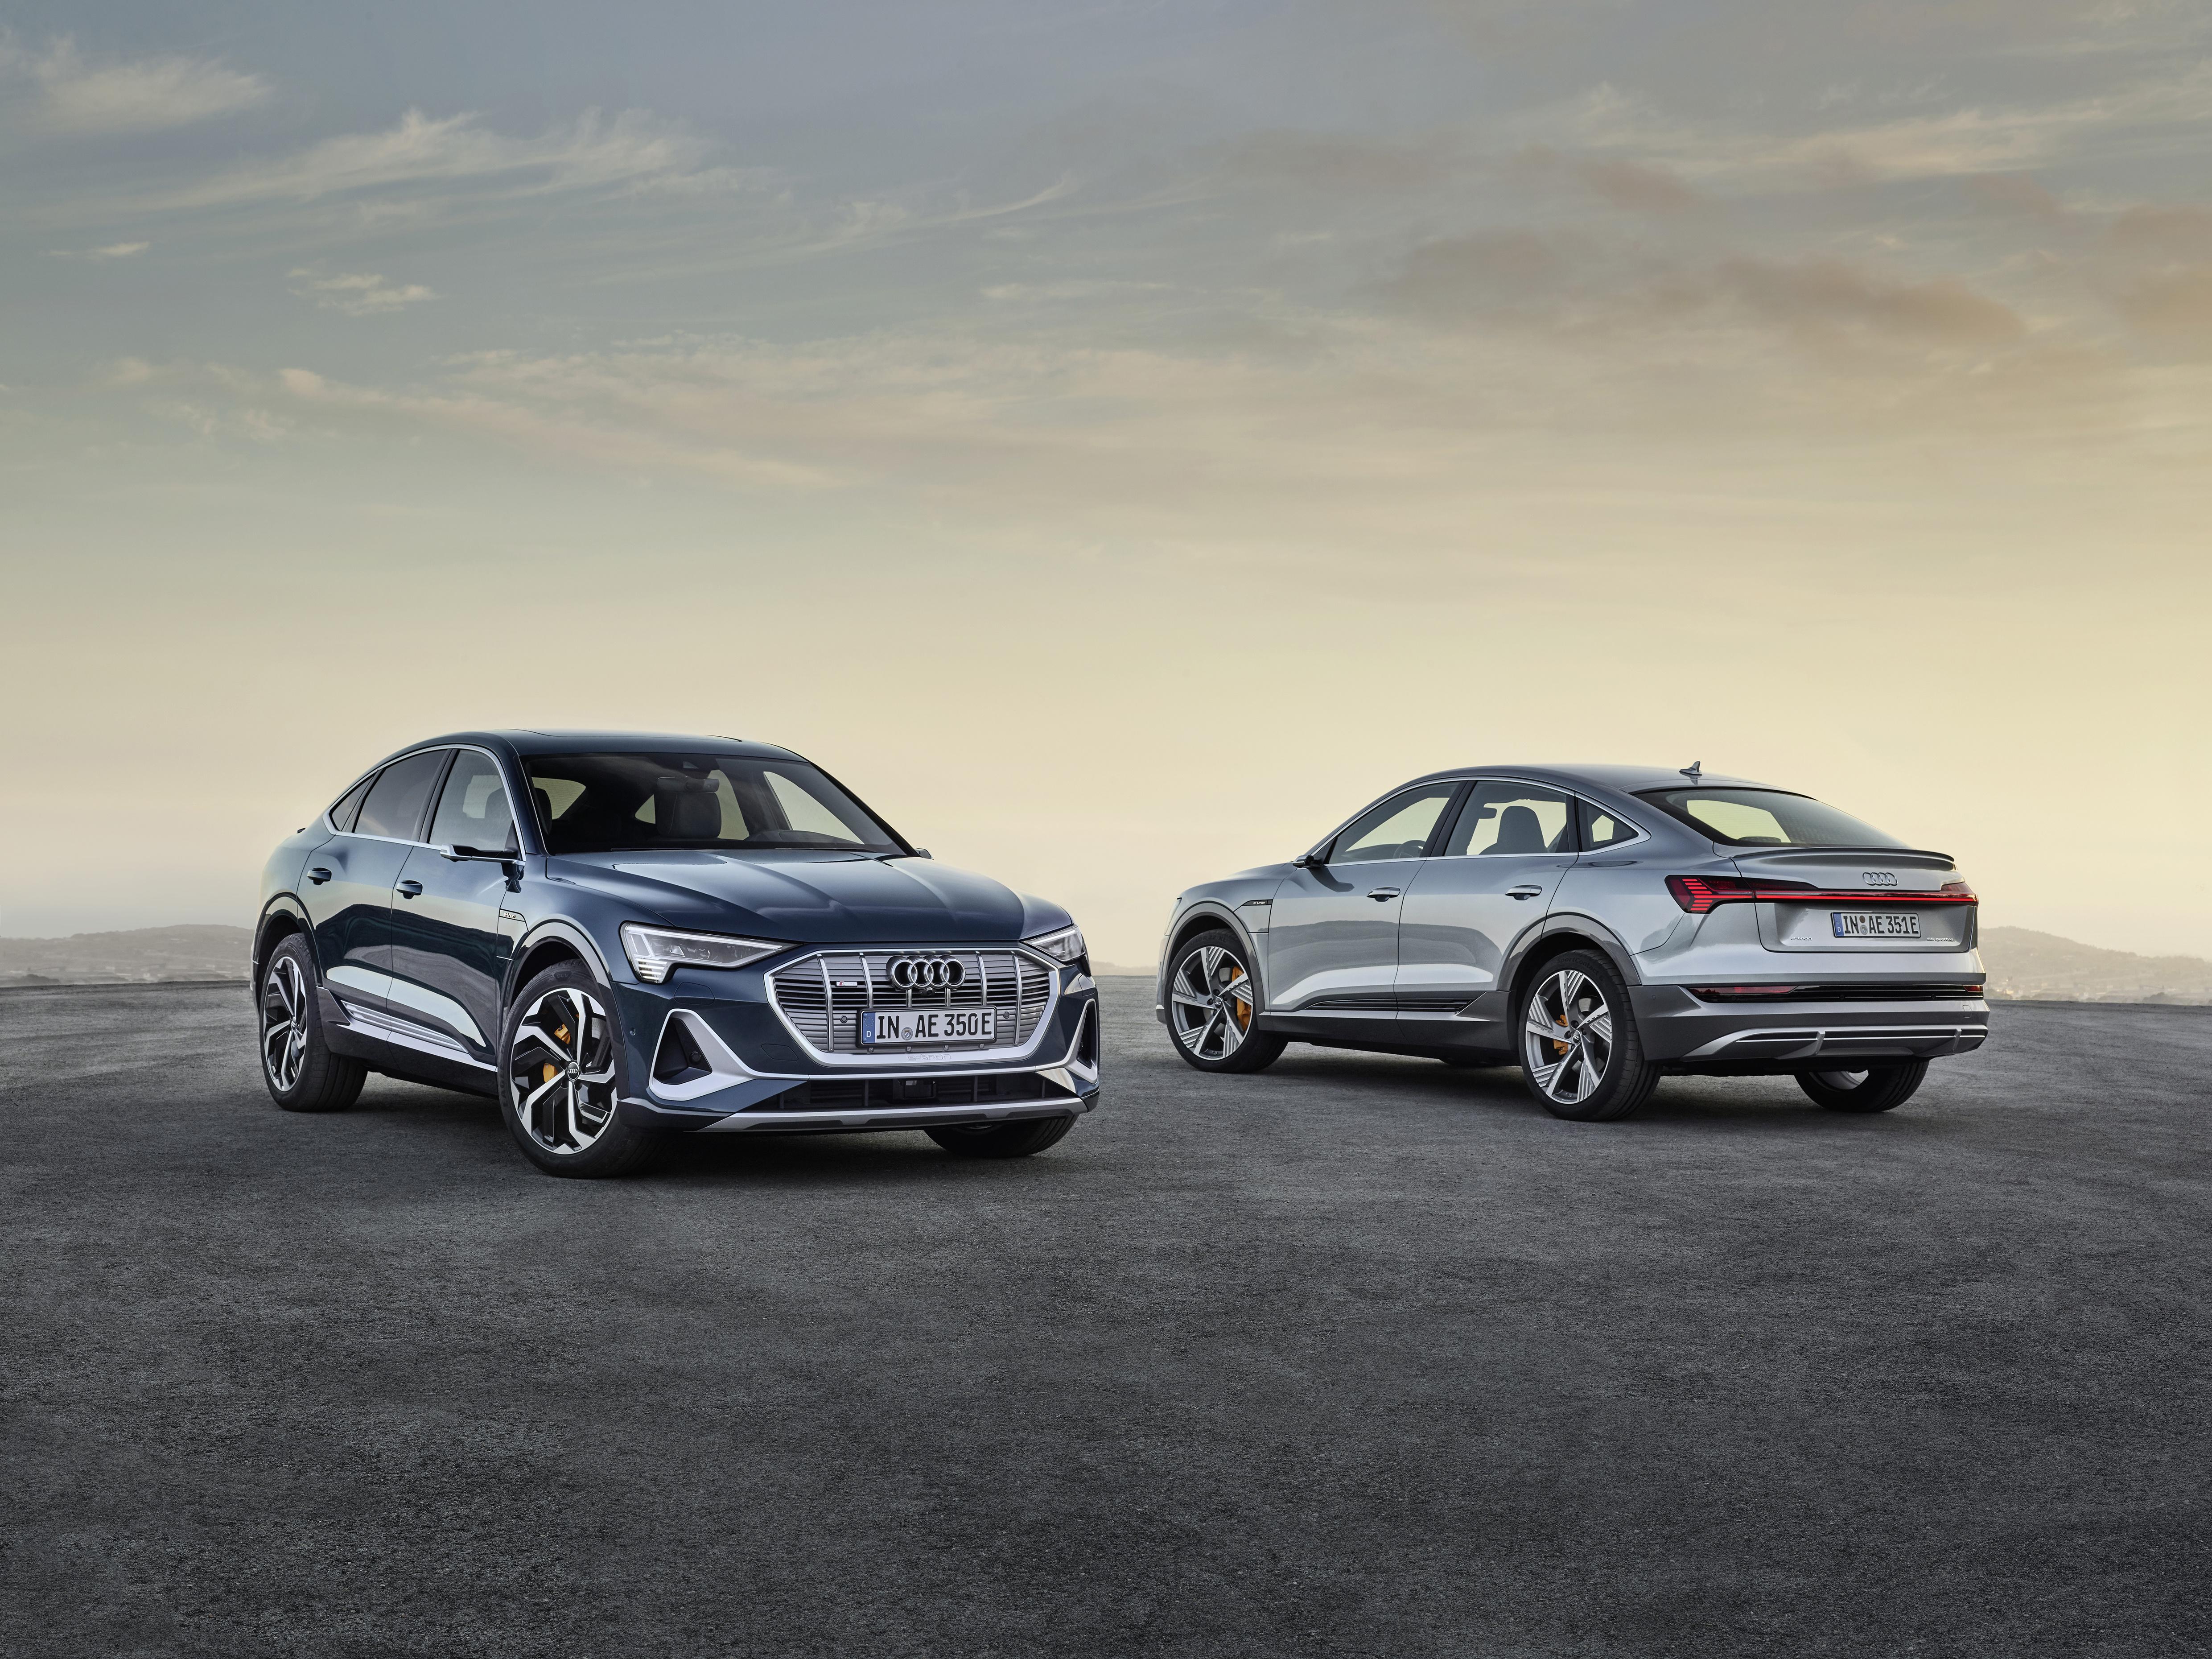 Der Audi e-tron Sportback ist noch aerodynamischer als sein Schwestermodell Audi e-tron. (AUDI)